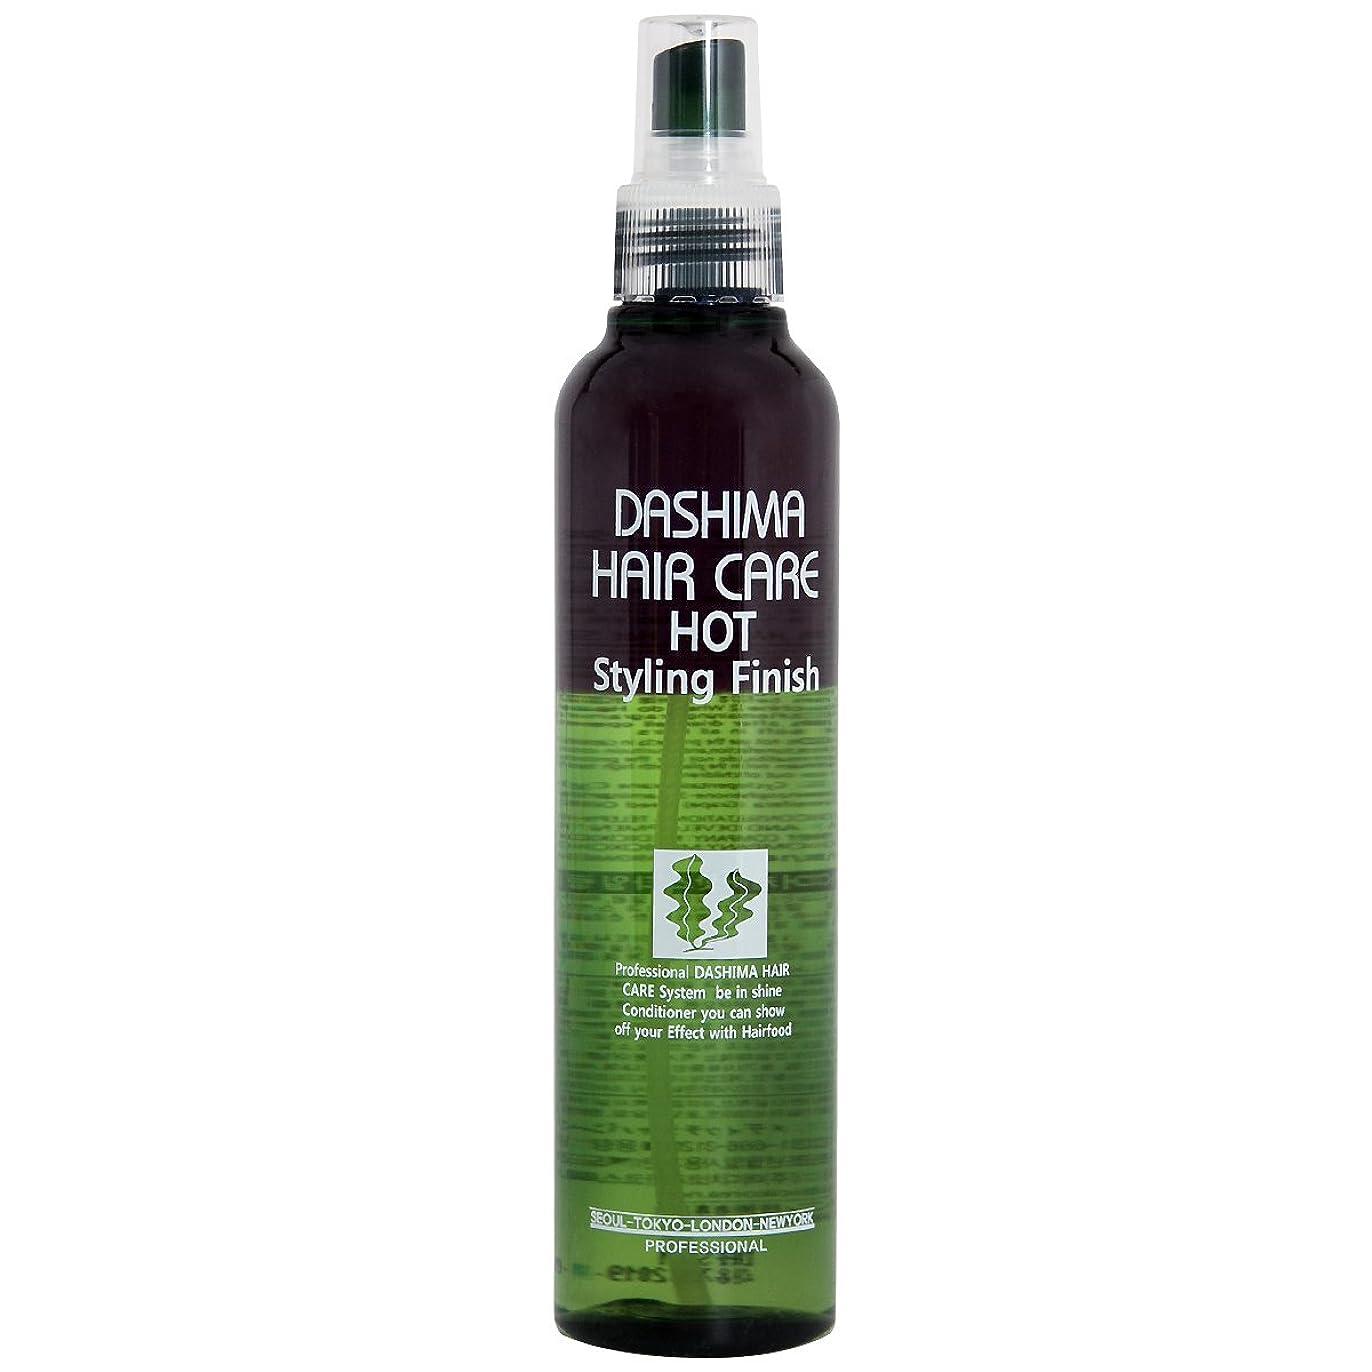 複数熱意規則性ダシマヘアケアハッスタイルリングピニスィ250ml(DASHIMA HAIR CARE Hot Styling Finish 250ml)